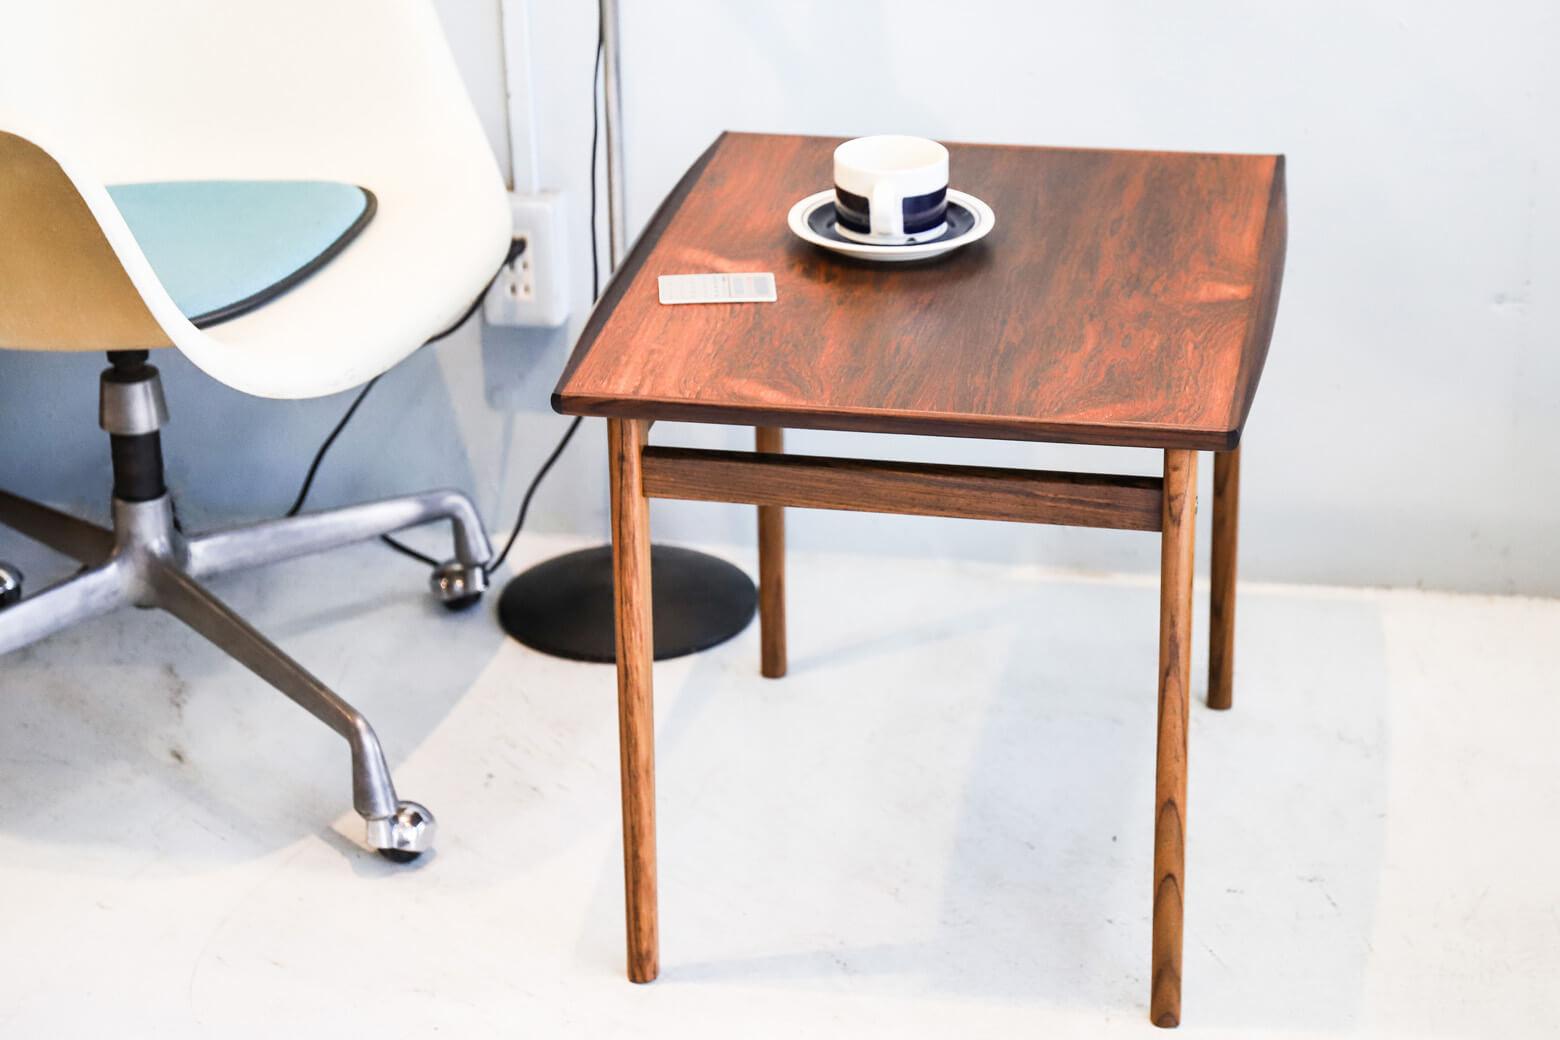 ローズウッドの特徴である美しい木目と心地よい肌触りが存分に味わえるサイドテーブル。 天板両サイドのエッジ部分に色味の濃いローズウッドを組み合わせて作りだされた、緩やかで丸みのある反り返りが優しい印象を与えてくれます。 シンプルなだけでなく、ちょっとしたアクセントが効いた、細部までこだわりが感じられるテーブルです。経年や使用による細かなキズや擦れがございますが、比較的状態は良好です。ローズウッドらしい上品な艶となめらかな質感を永くお楽しみいただくために、定期的にオイルを塗ってメンテナンスしていただくことをおすすめいたします。 天板に目を落とす度に思わずうっとりしてしまうほどに美しい木目と、濃淡のあるローズウッドを組み合わせた色合いのコントラストが印象的なテーブルです。ソファやベッドの隣で使えるコンパクトなサイズ感もまた魅力です。